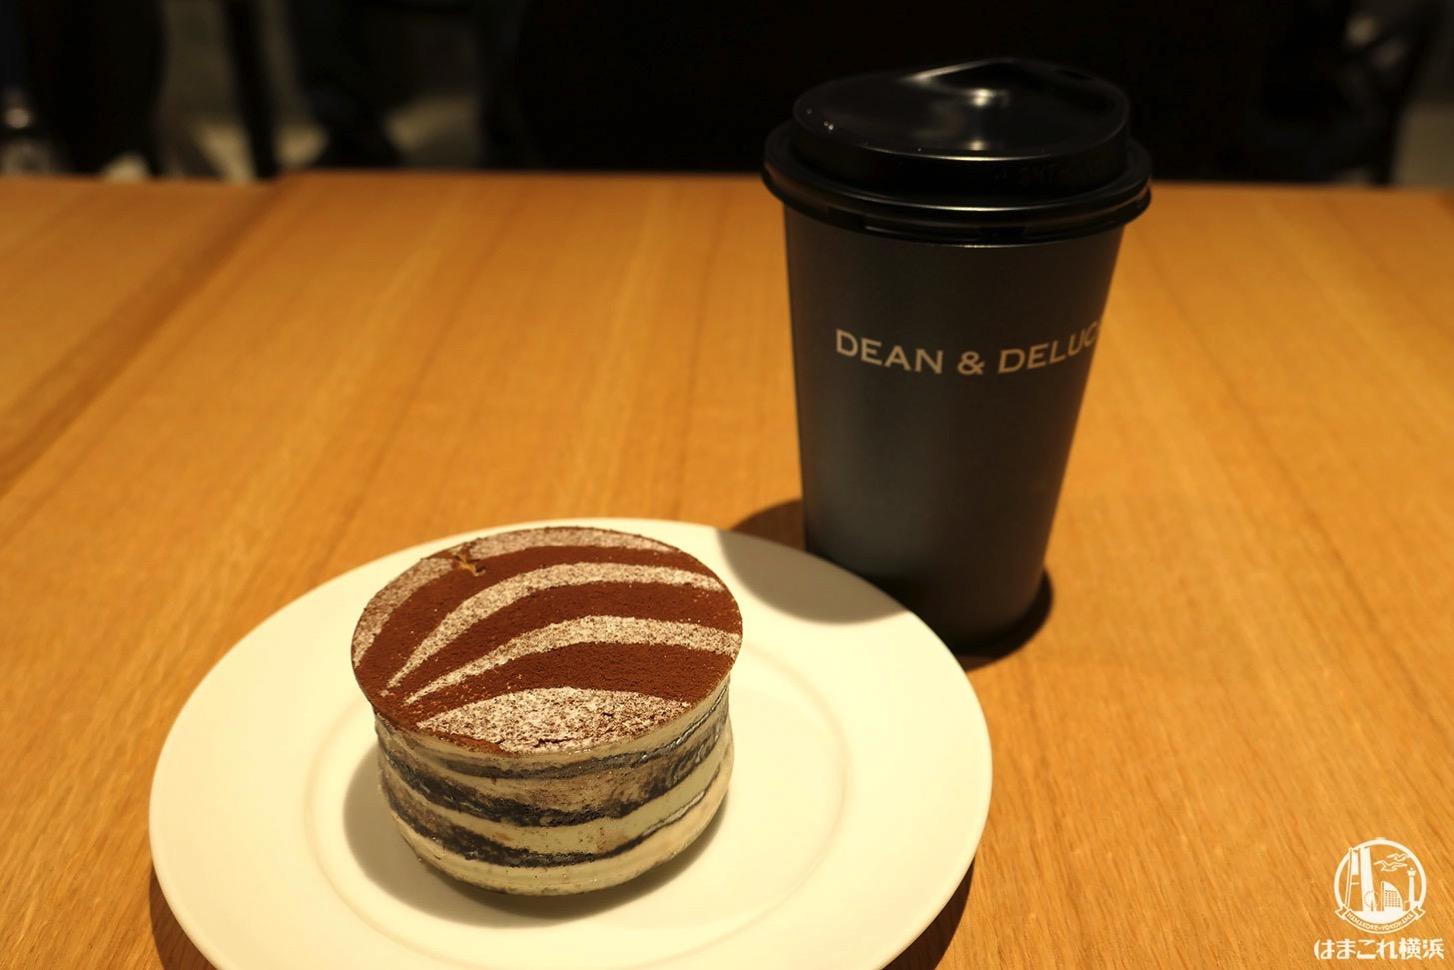 横浜駅「ディーンアンドデルーカ」のカフェがゆったり過ごせて居心地良い